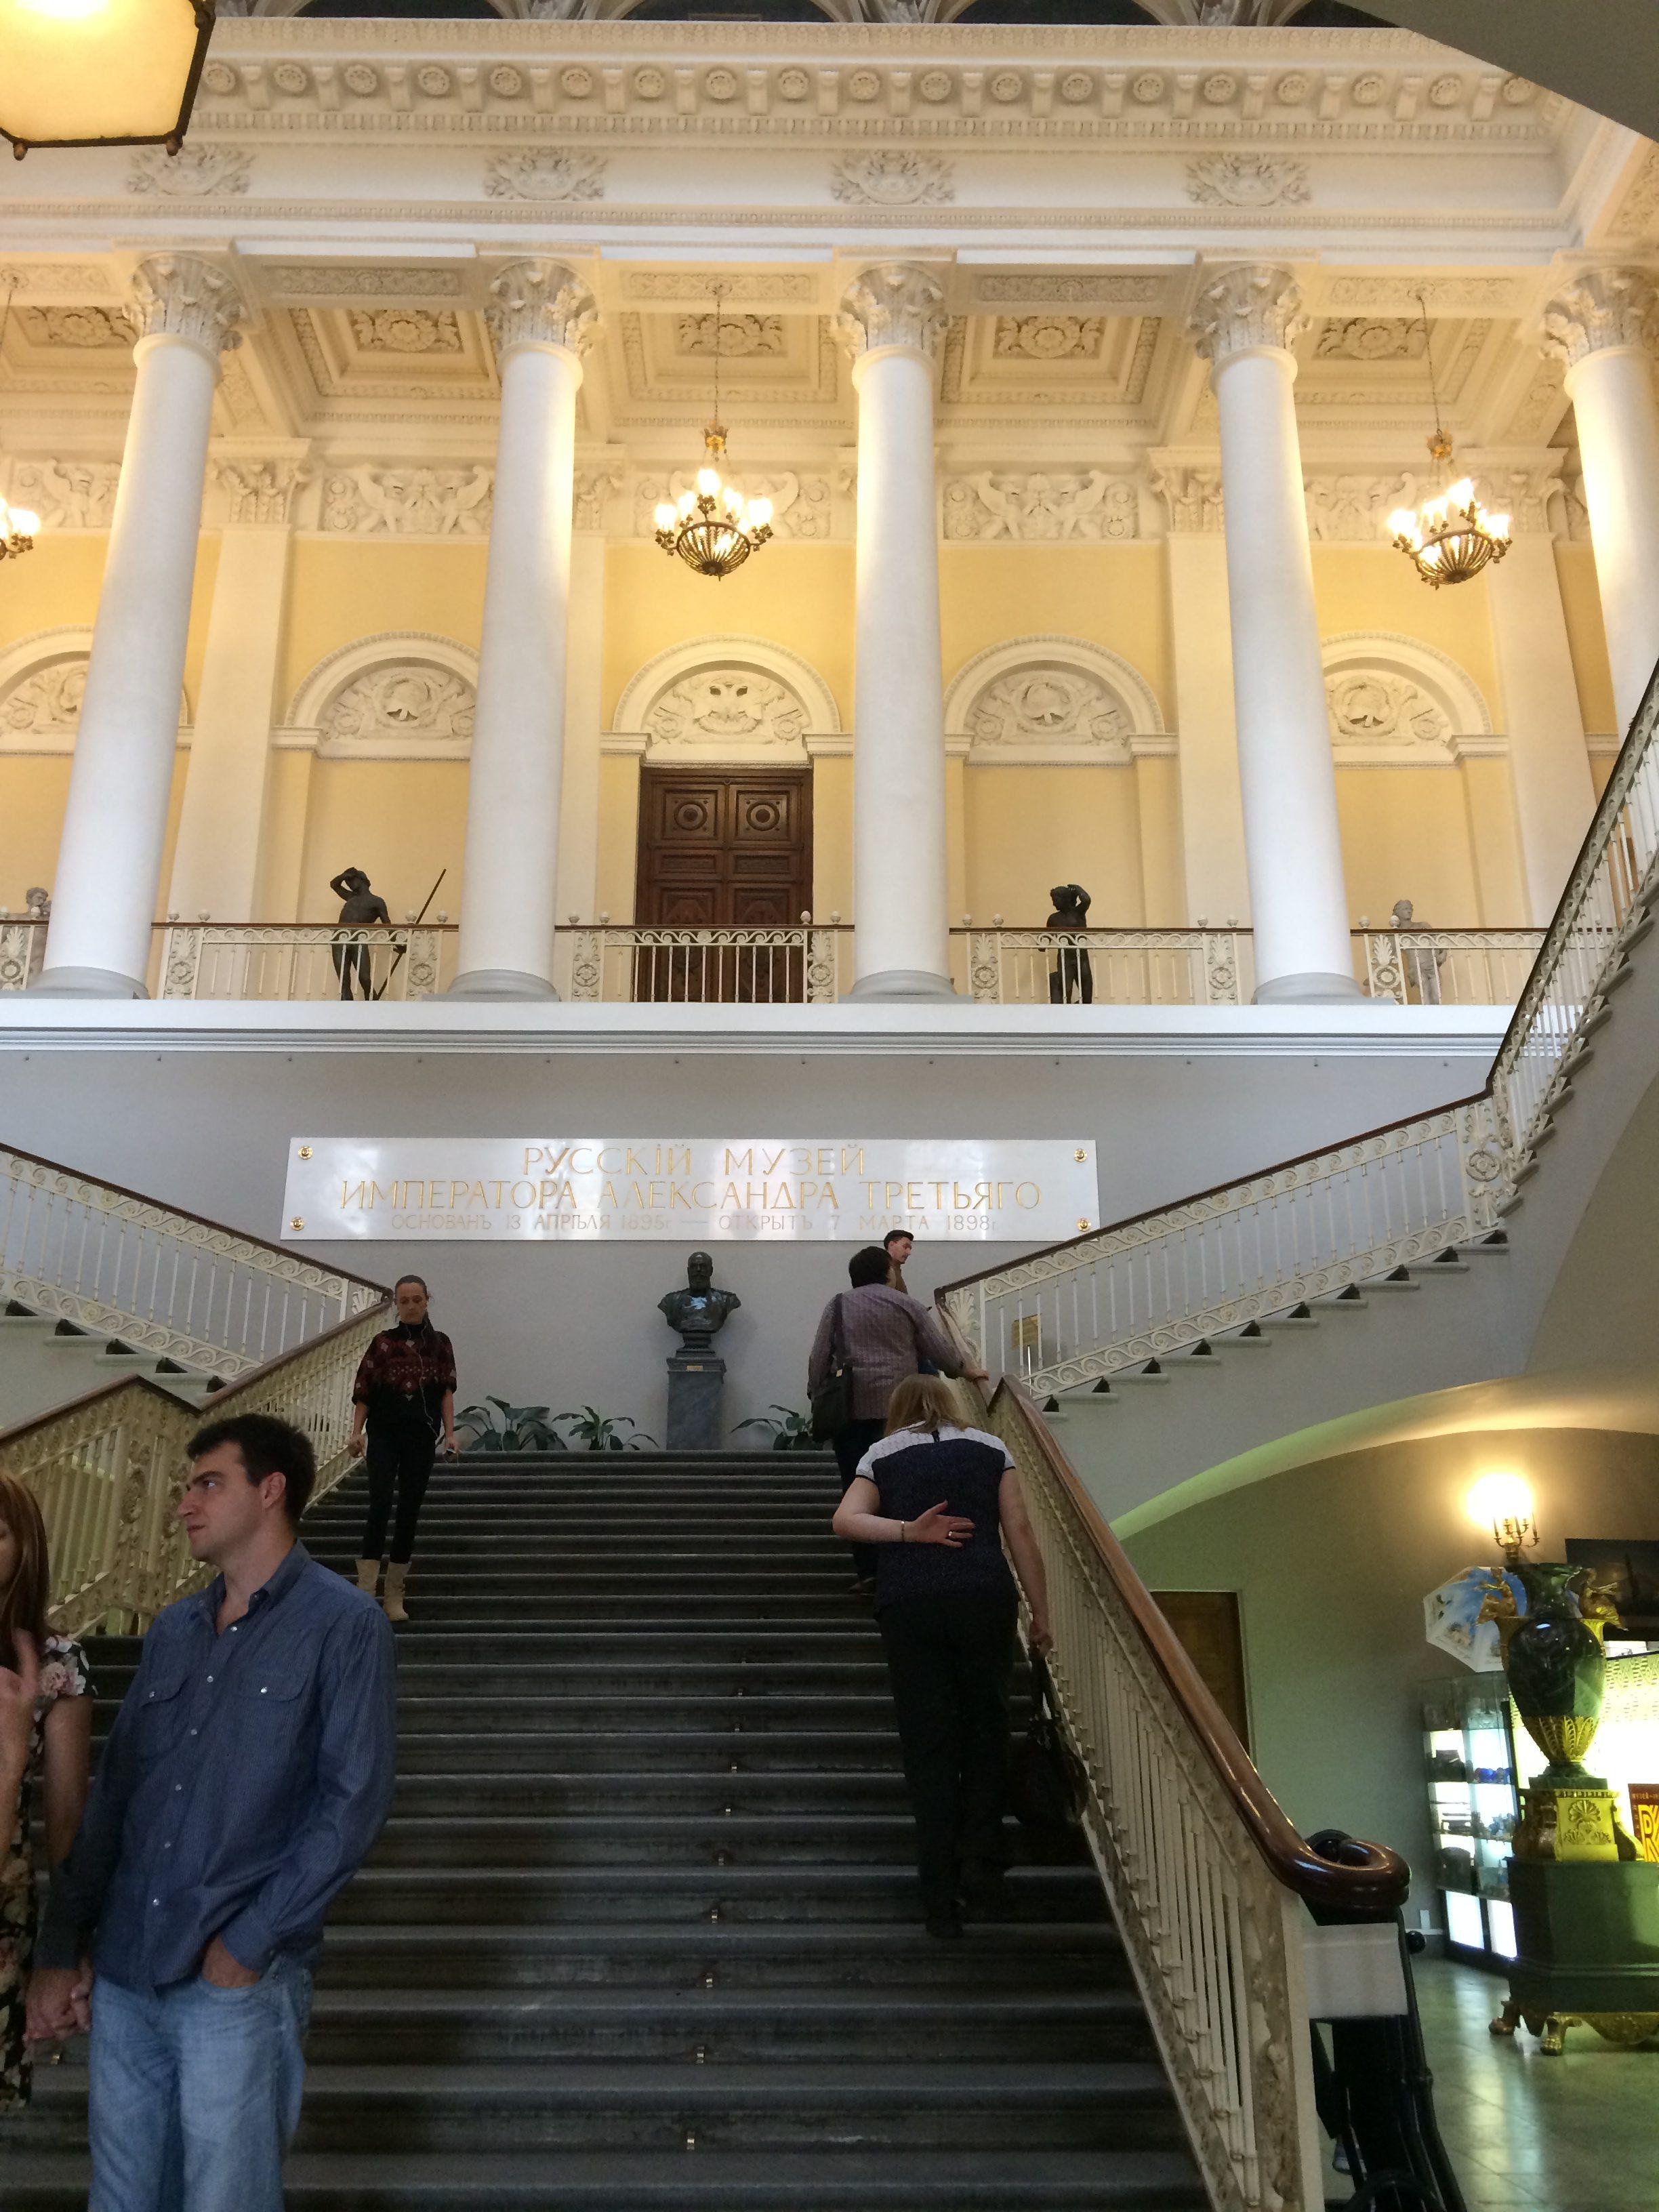 ロシア美術館の入り口付近の写真